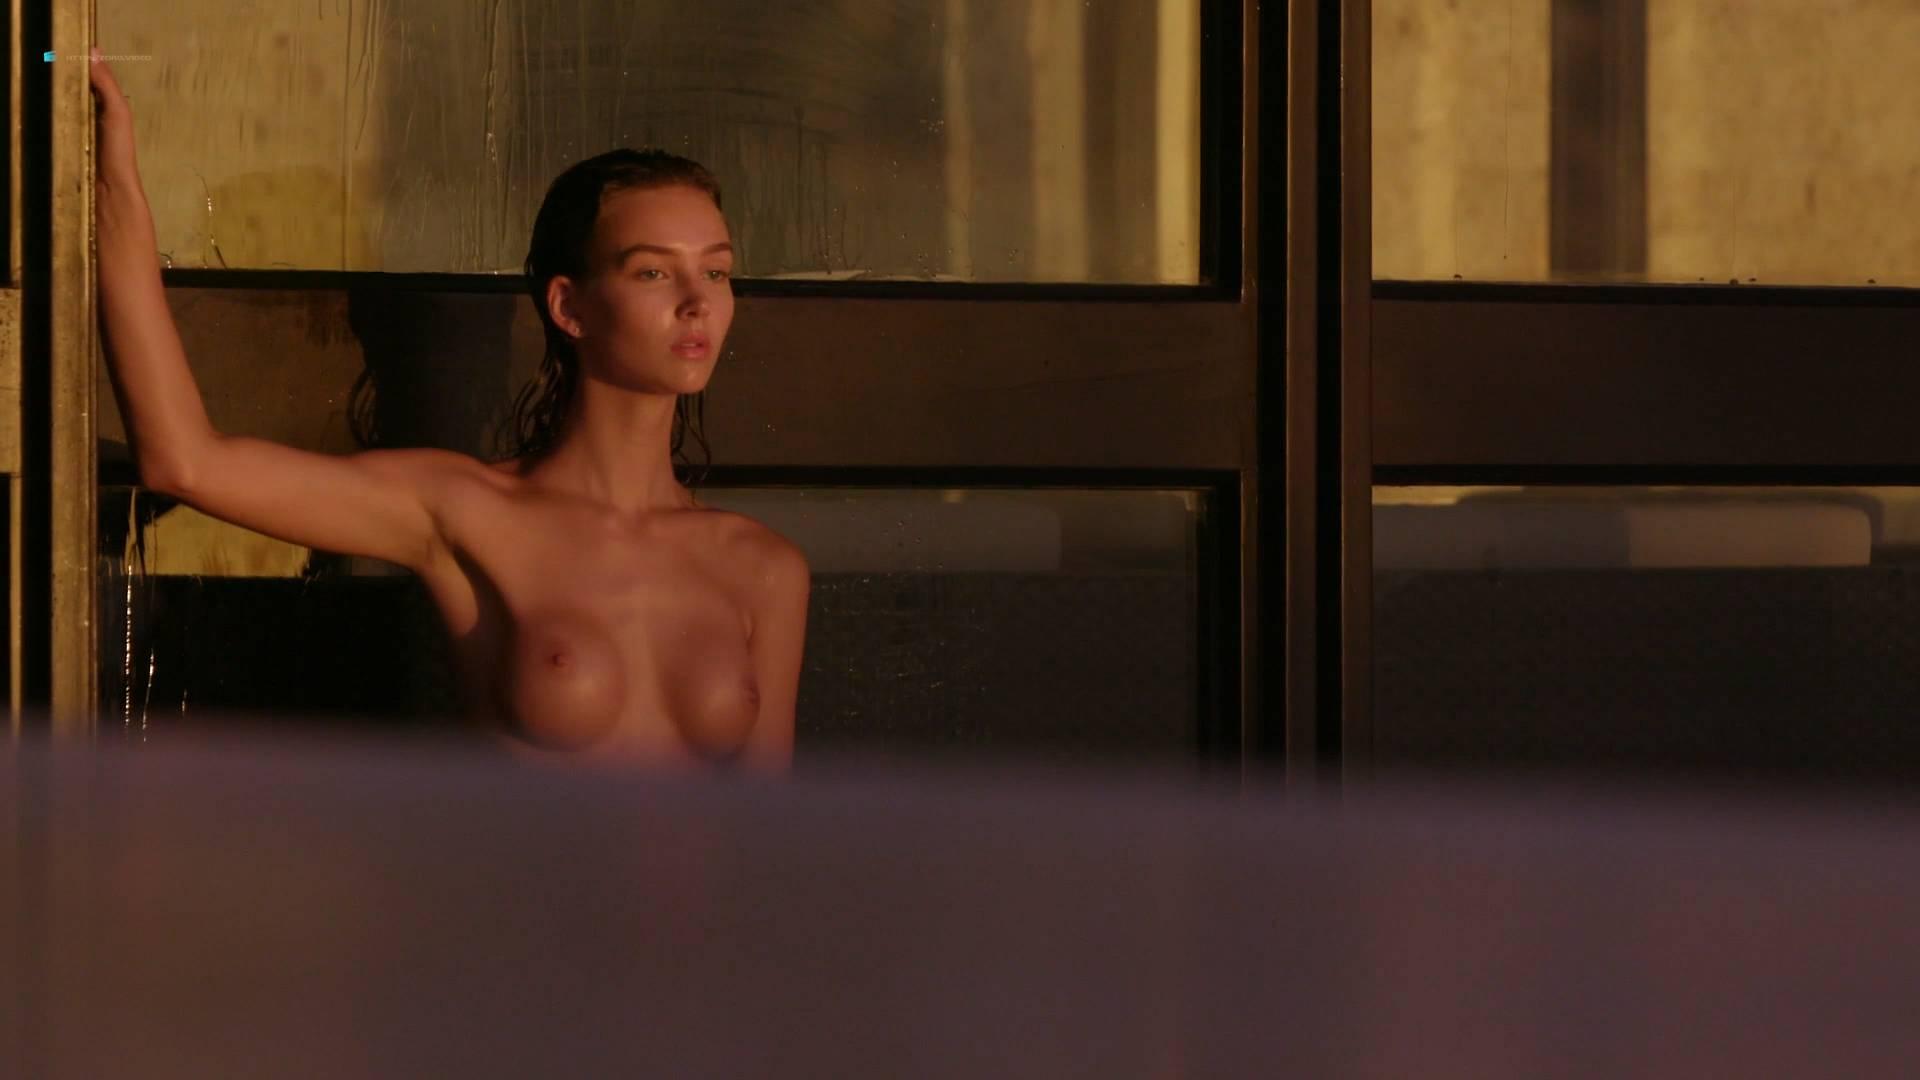 San francisco may ban public nudity